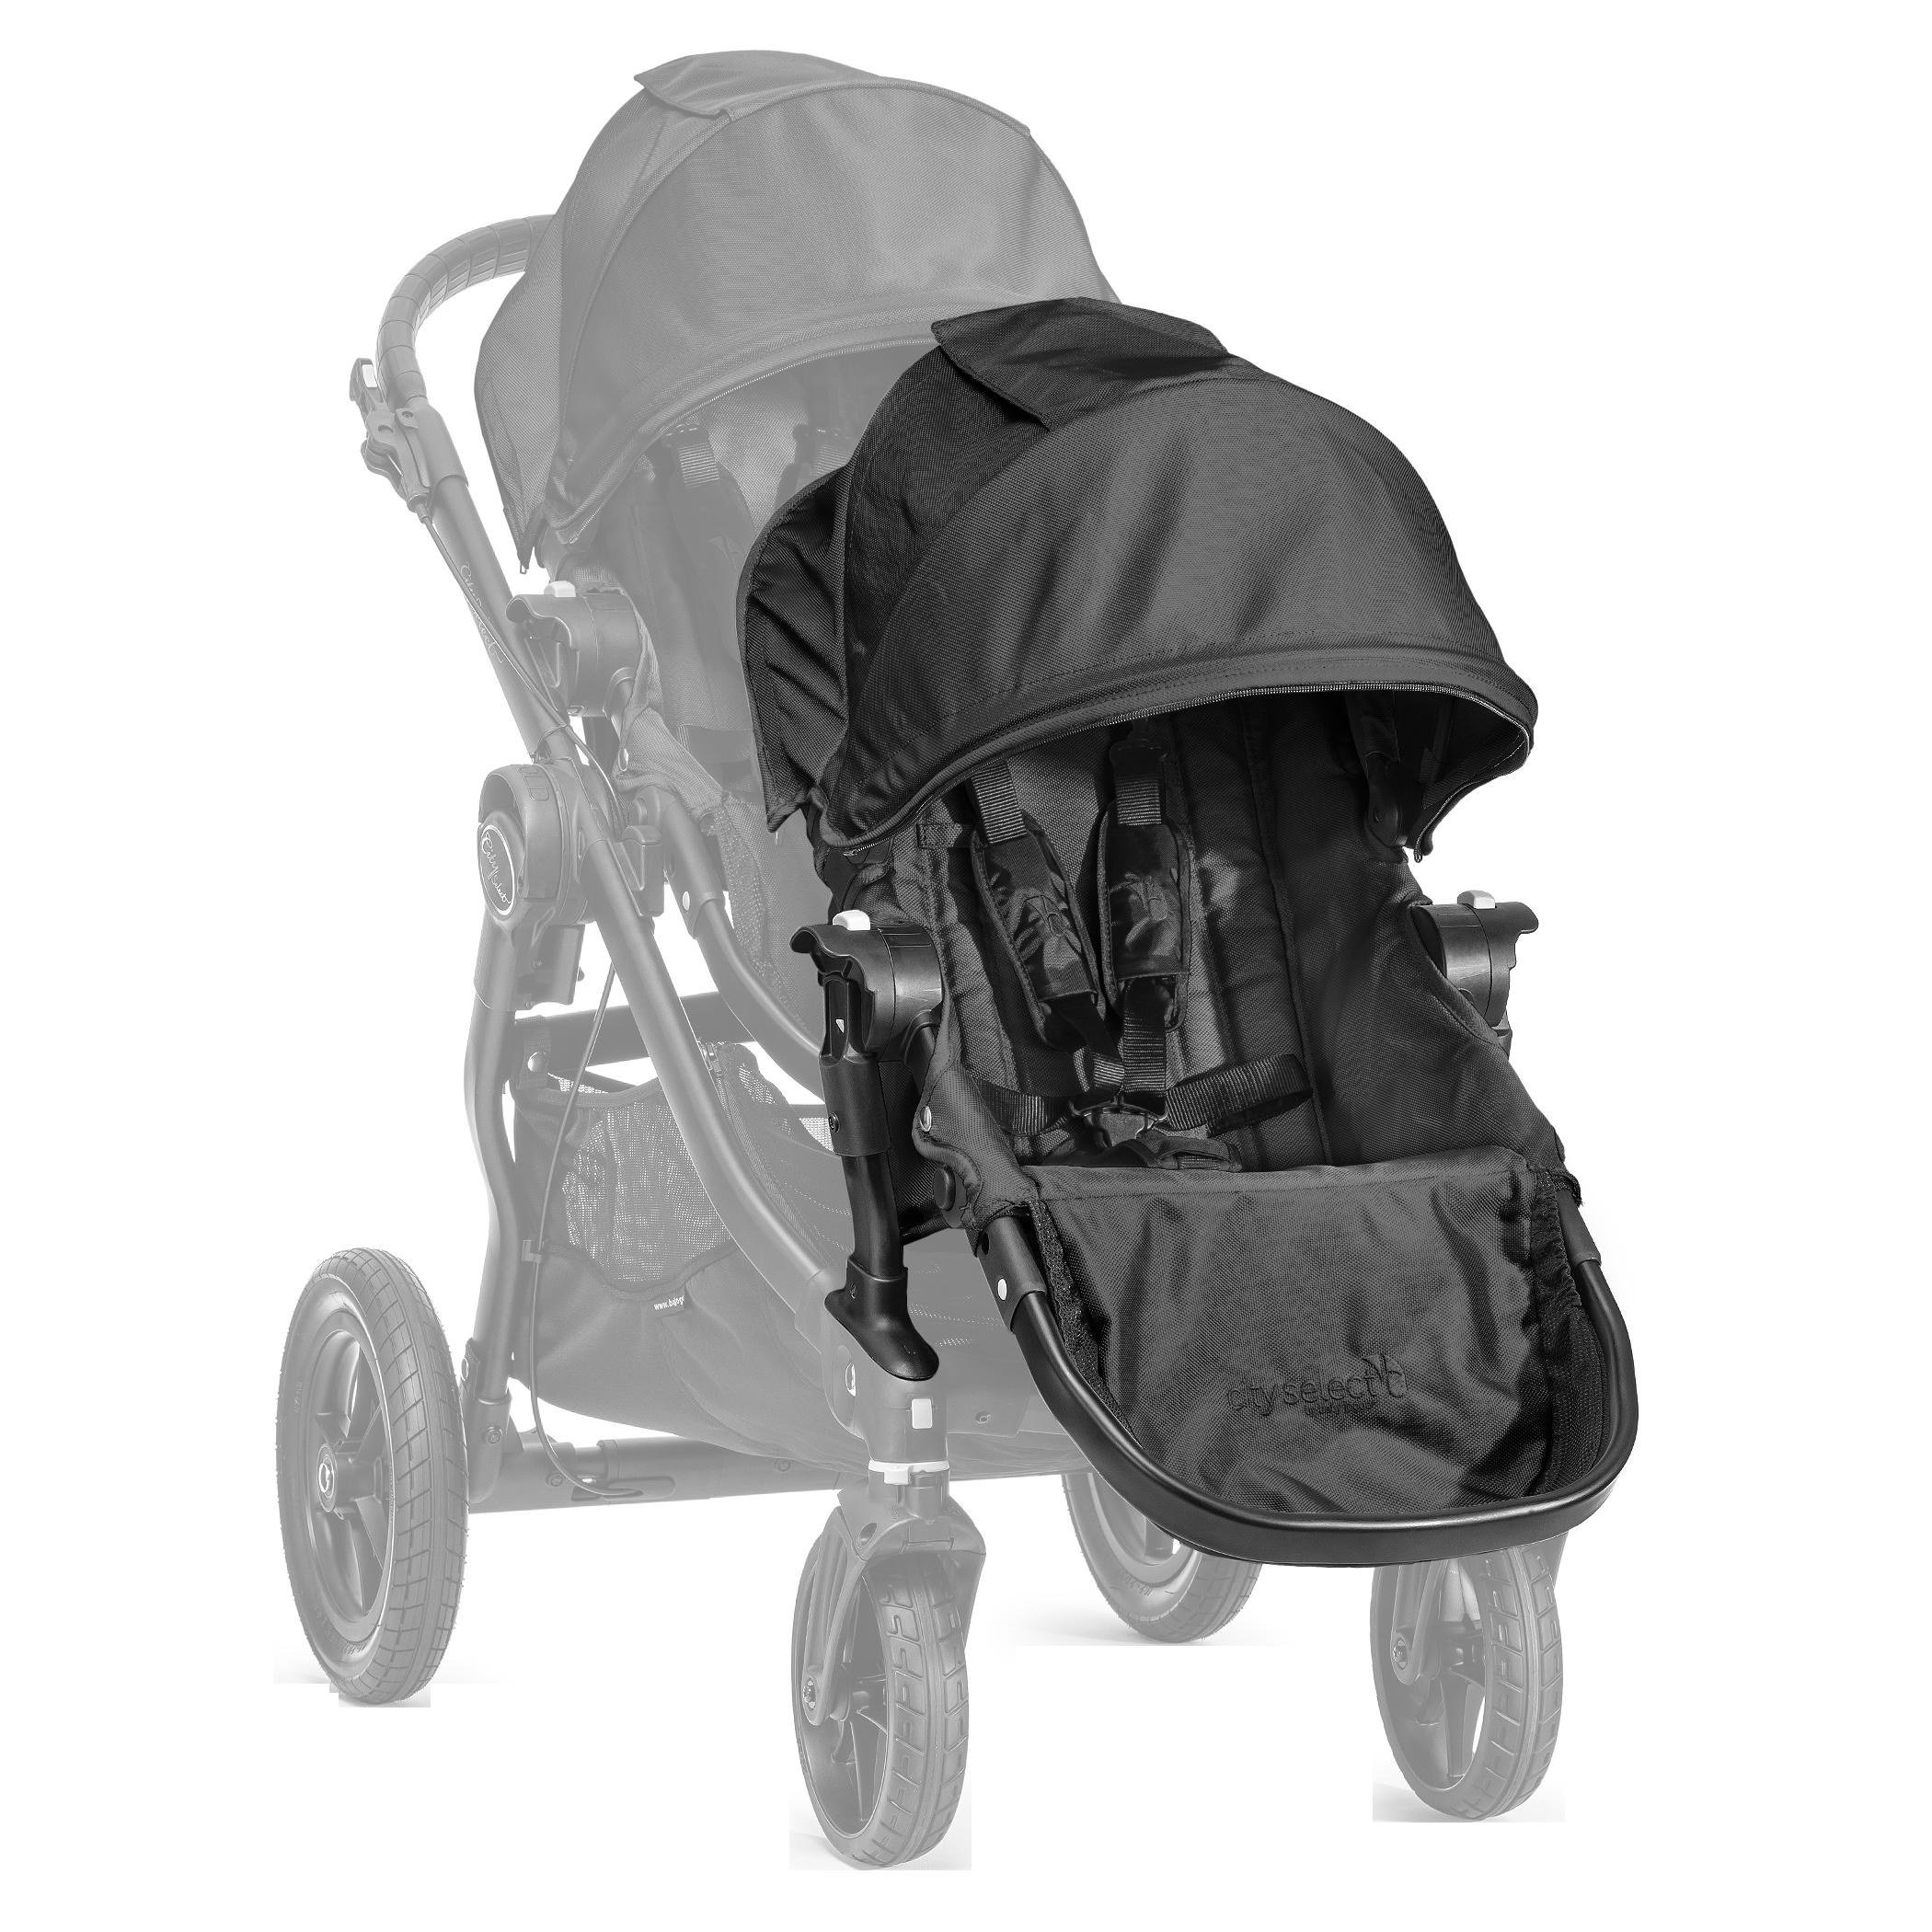 Søskende sæde Kit City Select - BabyJogger®